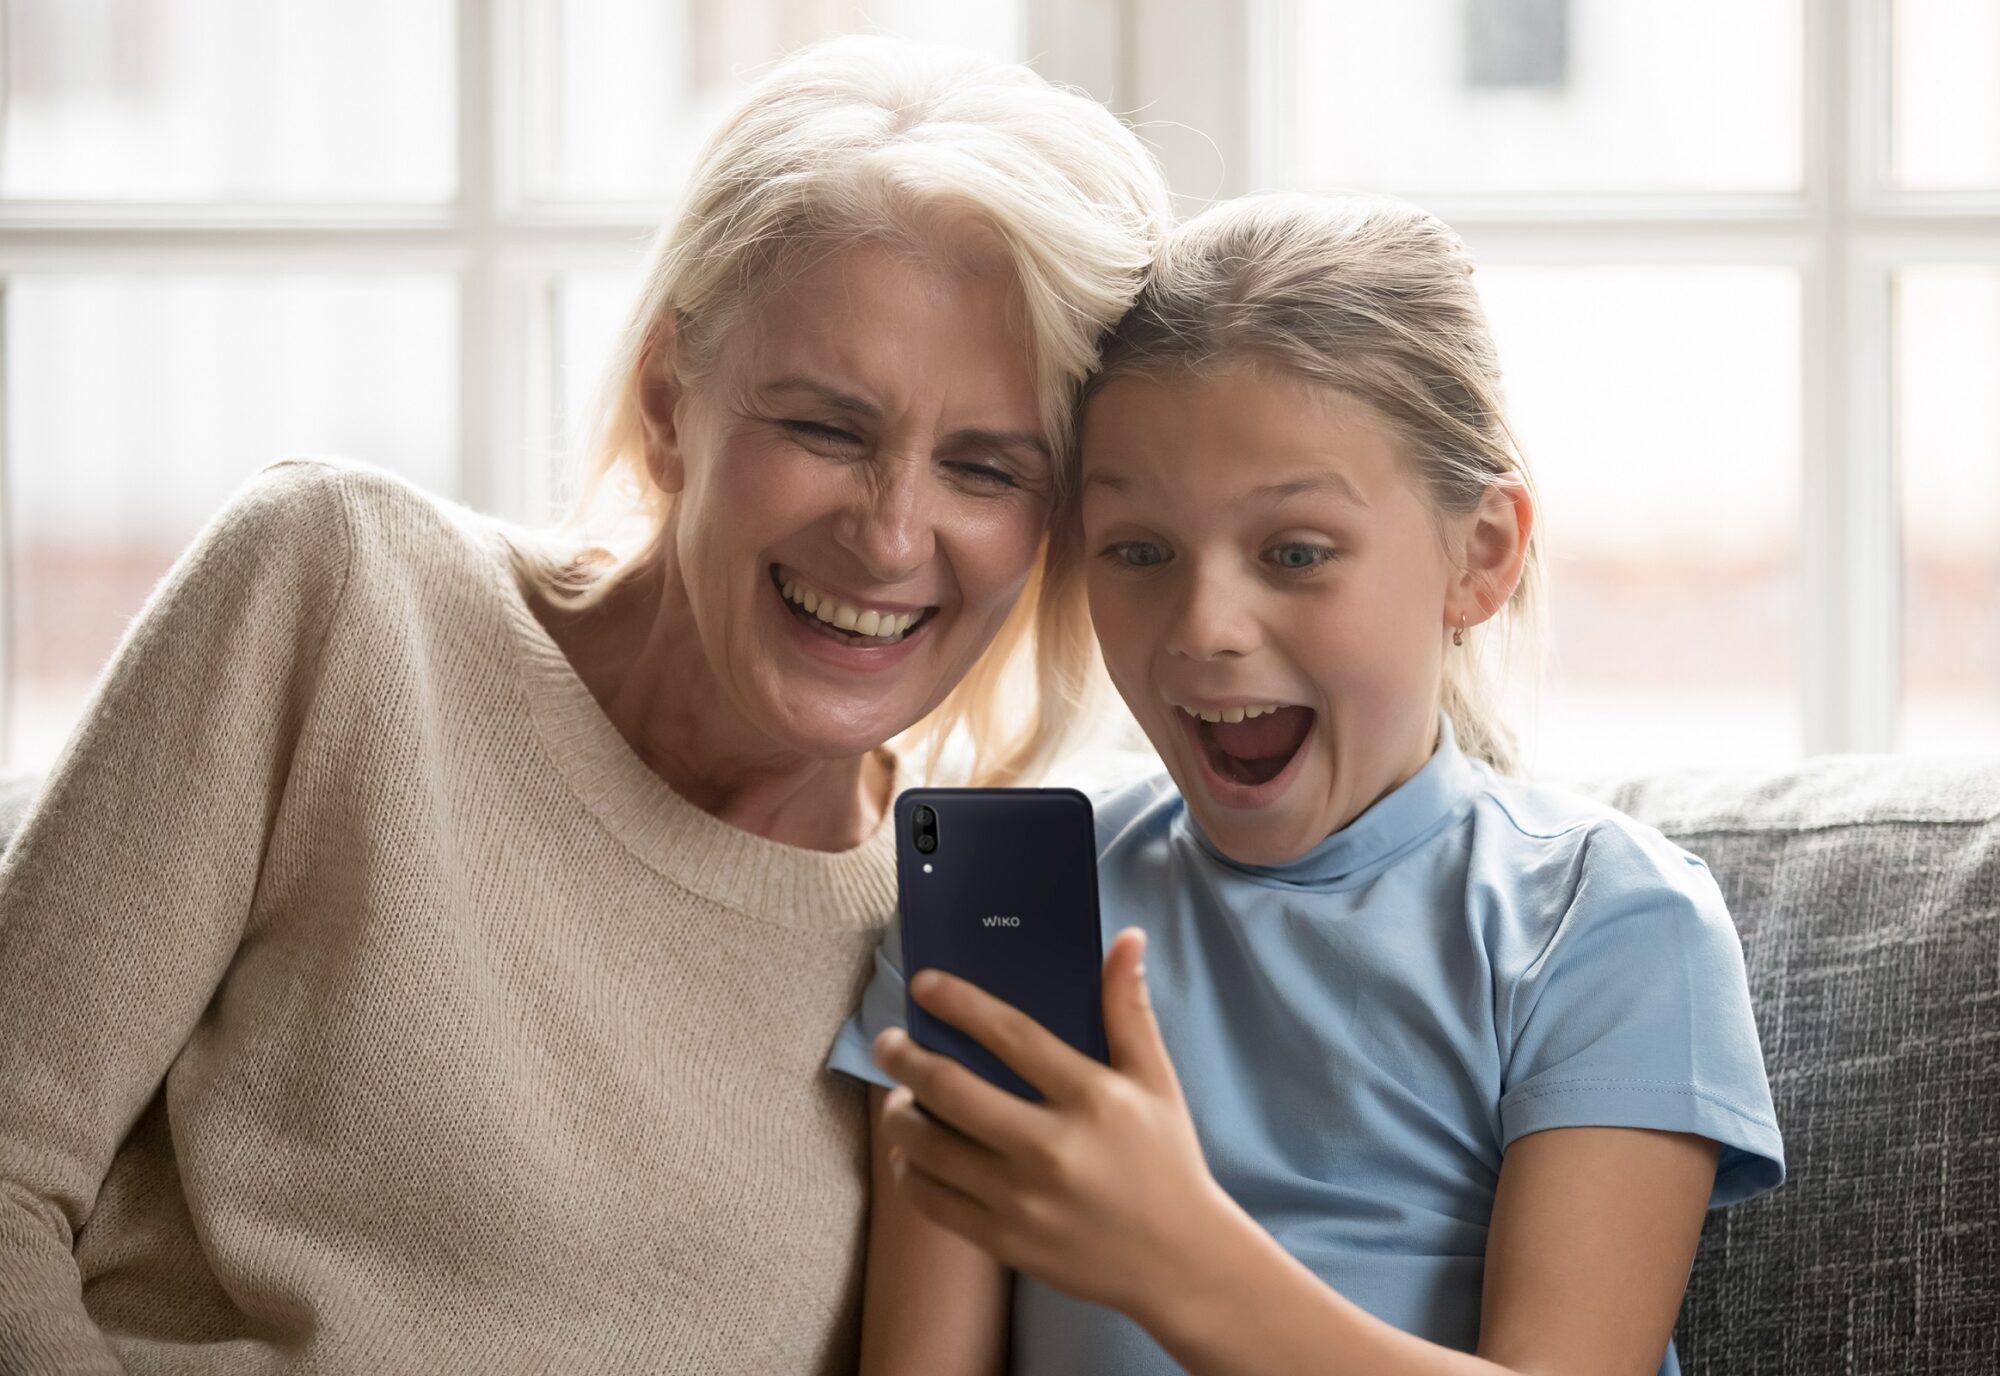 Wiko e lo smartphone per i nonni